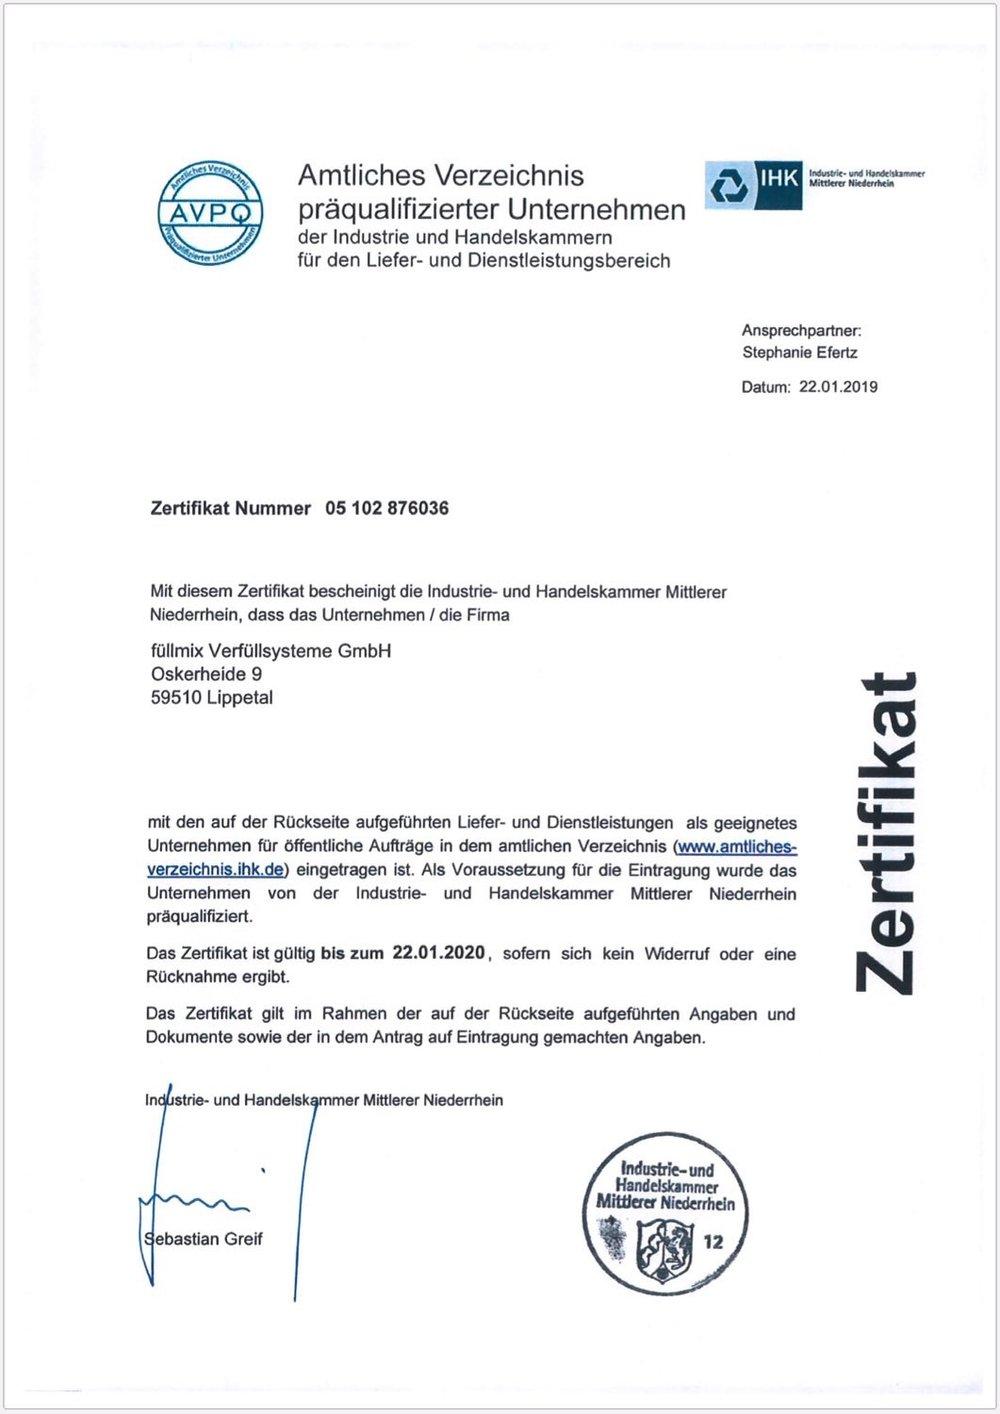 zertifikat-amtliches-verzeichnis-praequalifizierter-unternehmen-fuellmix-dokument.jpg